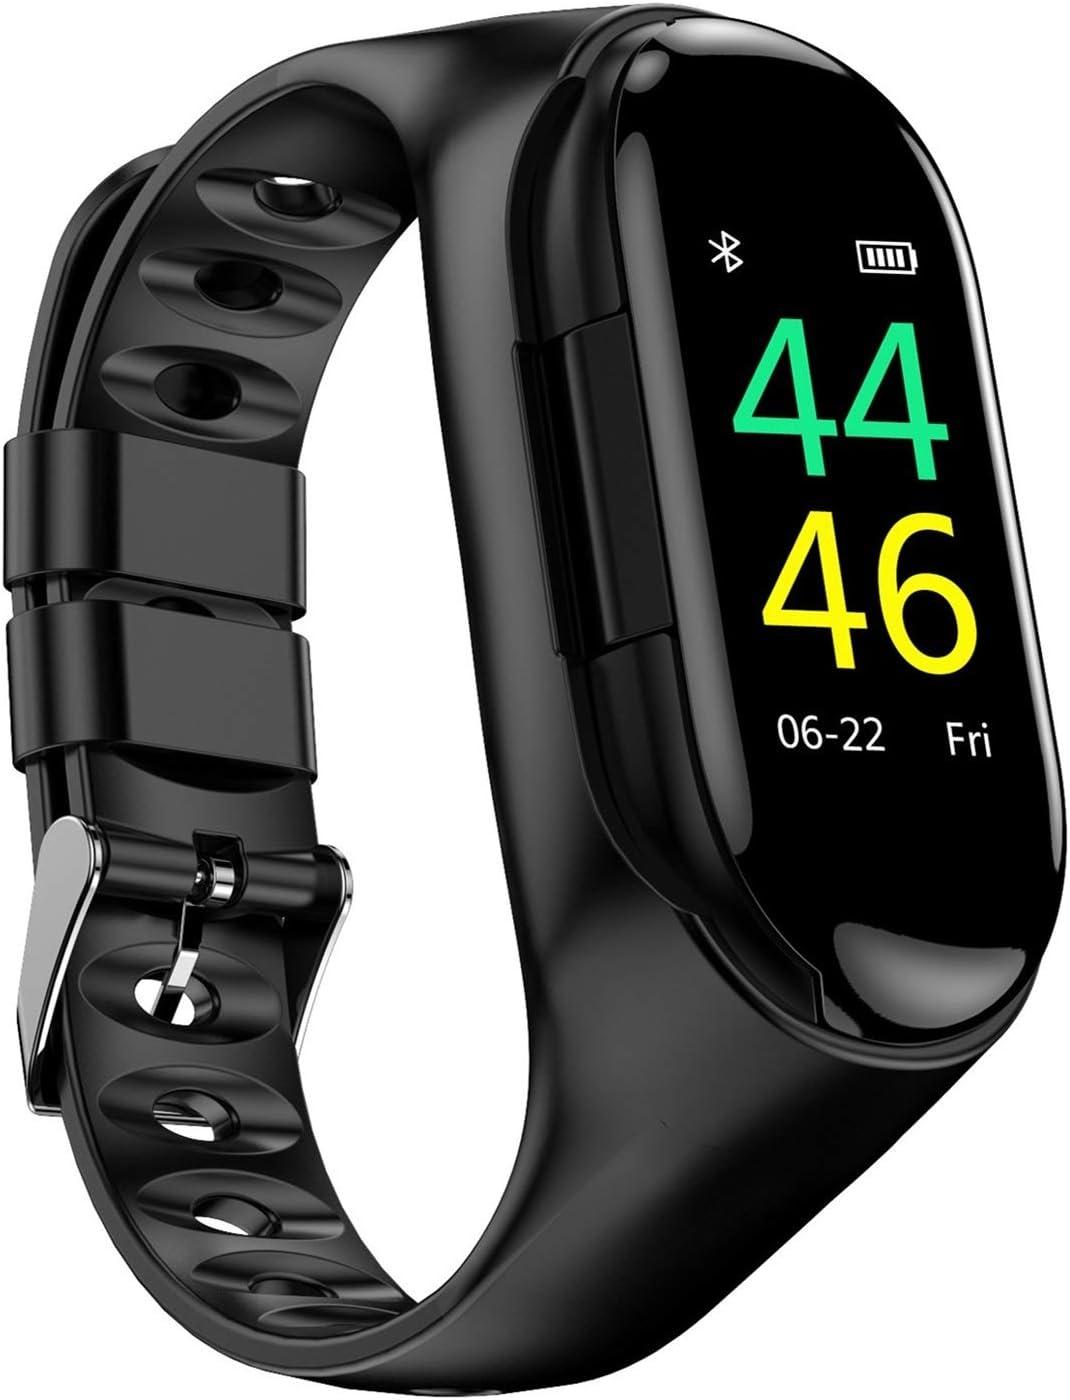 JIAYU Reloj Pulsera Inteligente, 0,96 Pulgadas de Pantalla en Color Una máquina de Doble Uso Dual Deportes Auriculares Bluetooth, Dos en Uno Sleep Detección Inteligente del Reloj